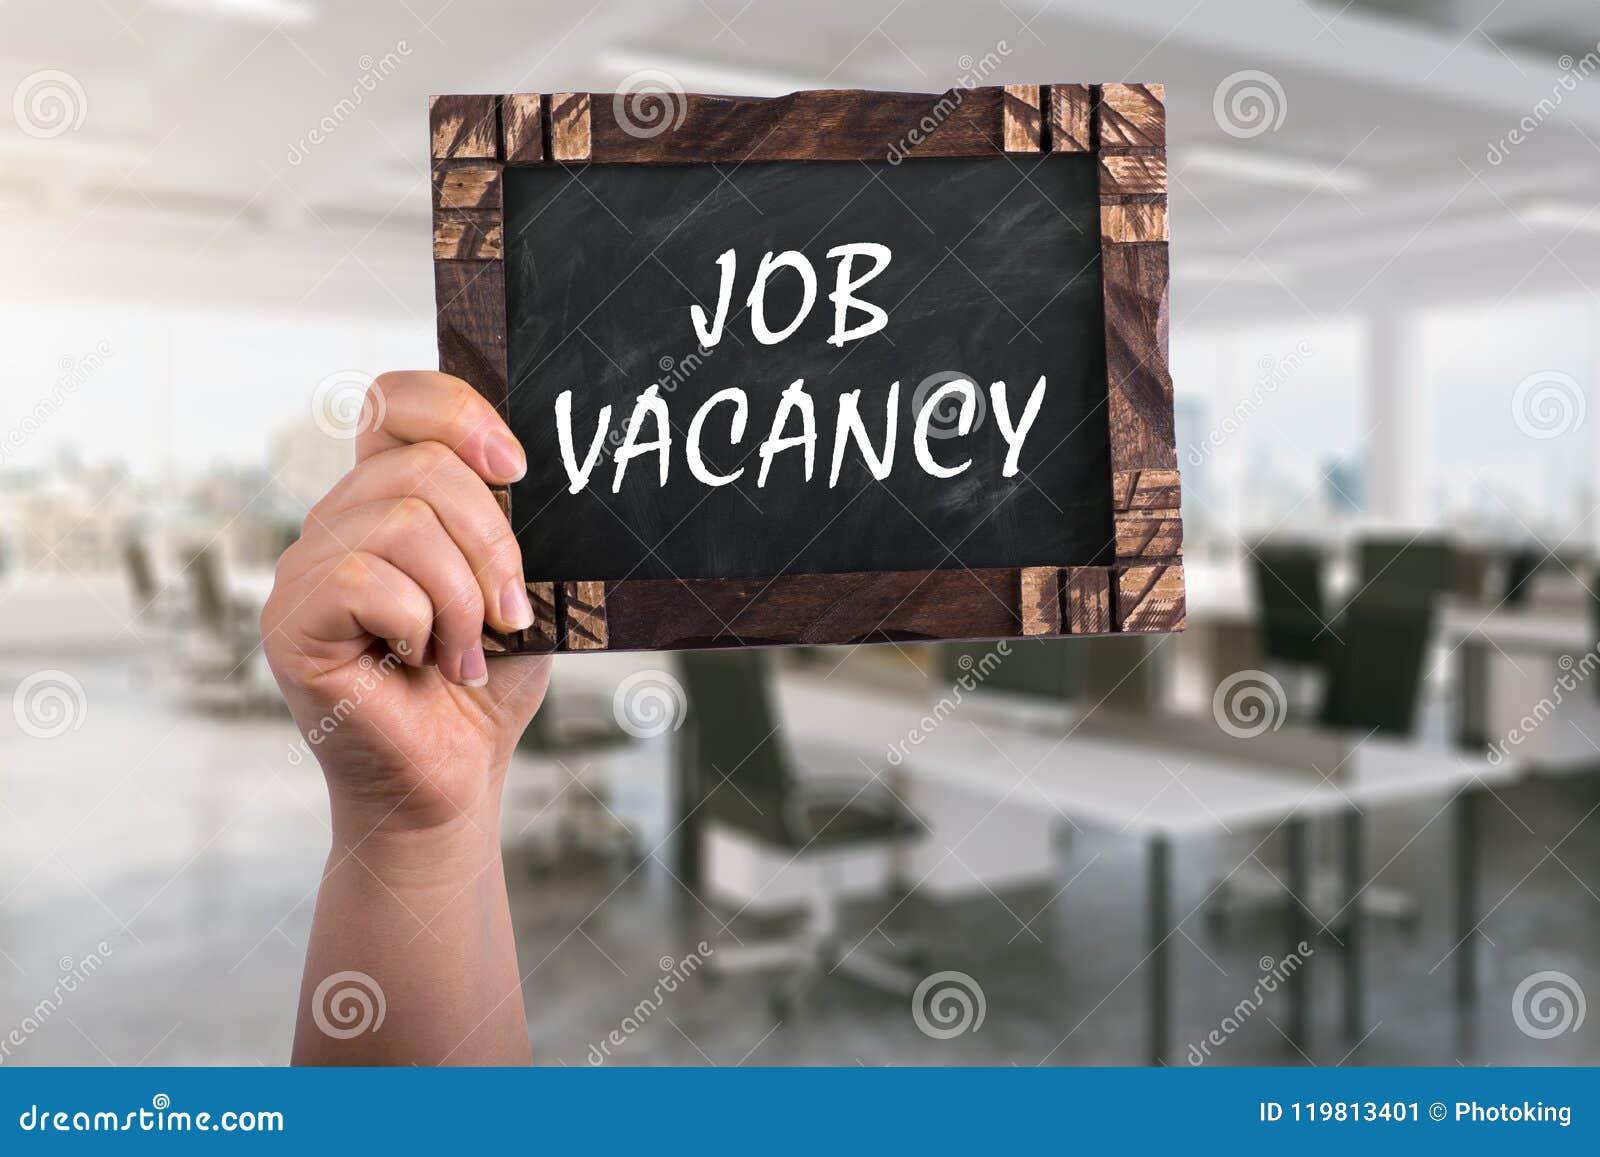 Job vacancy on chalkboard